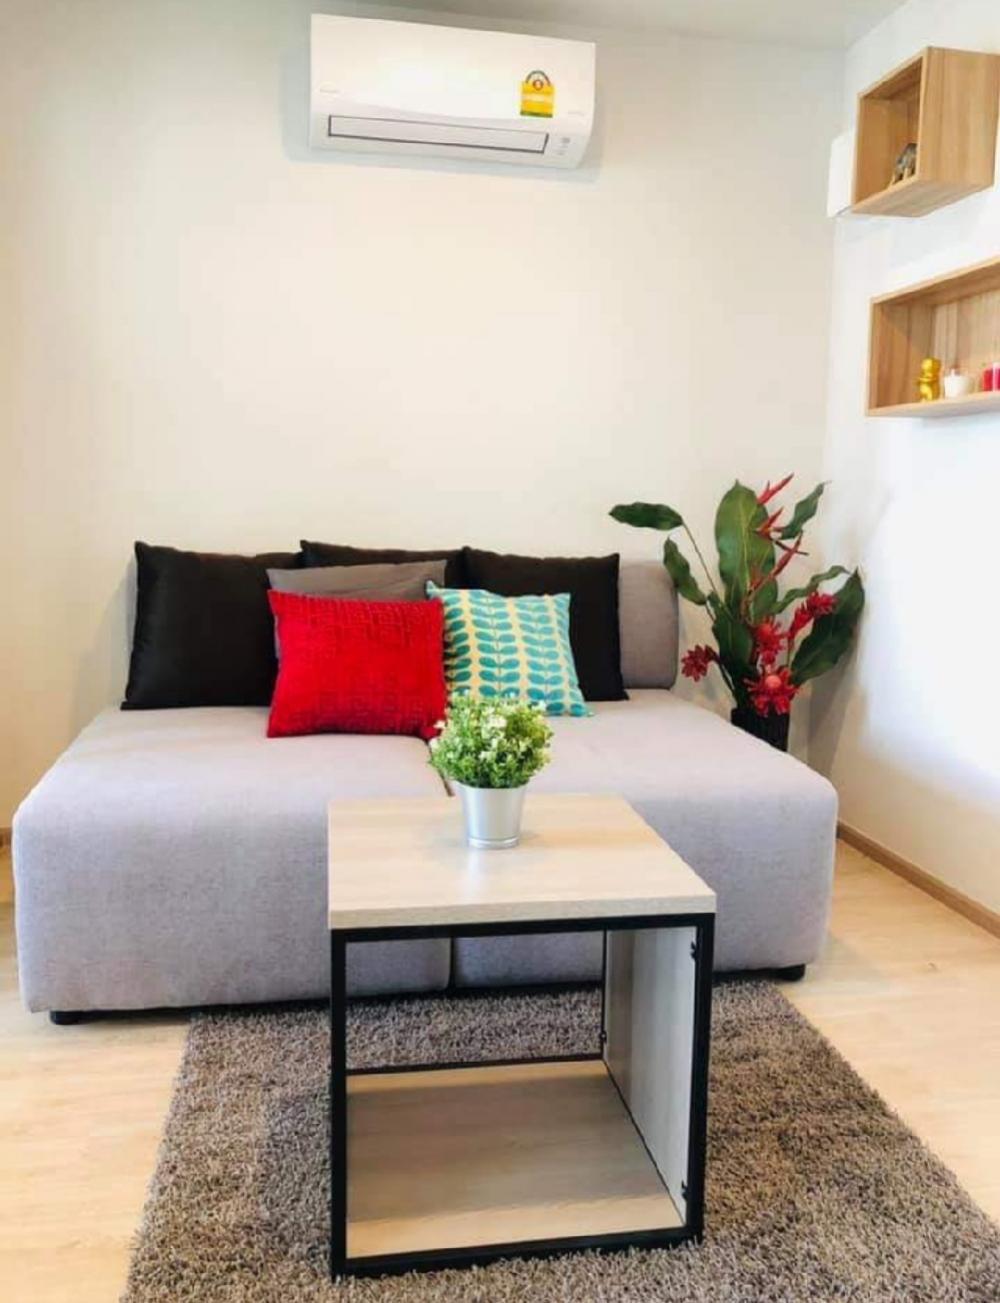 Elio Del Moss ห้อง1Bedroom ให้เช่า แต่งสวย ใหม่ Fully Furnished ชั้น8  ใกล้ม.เกษตร